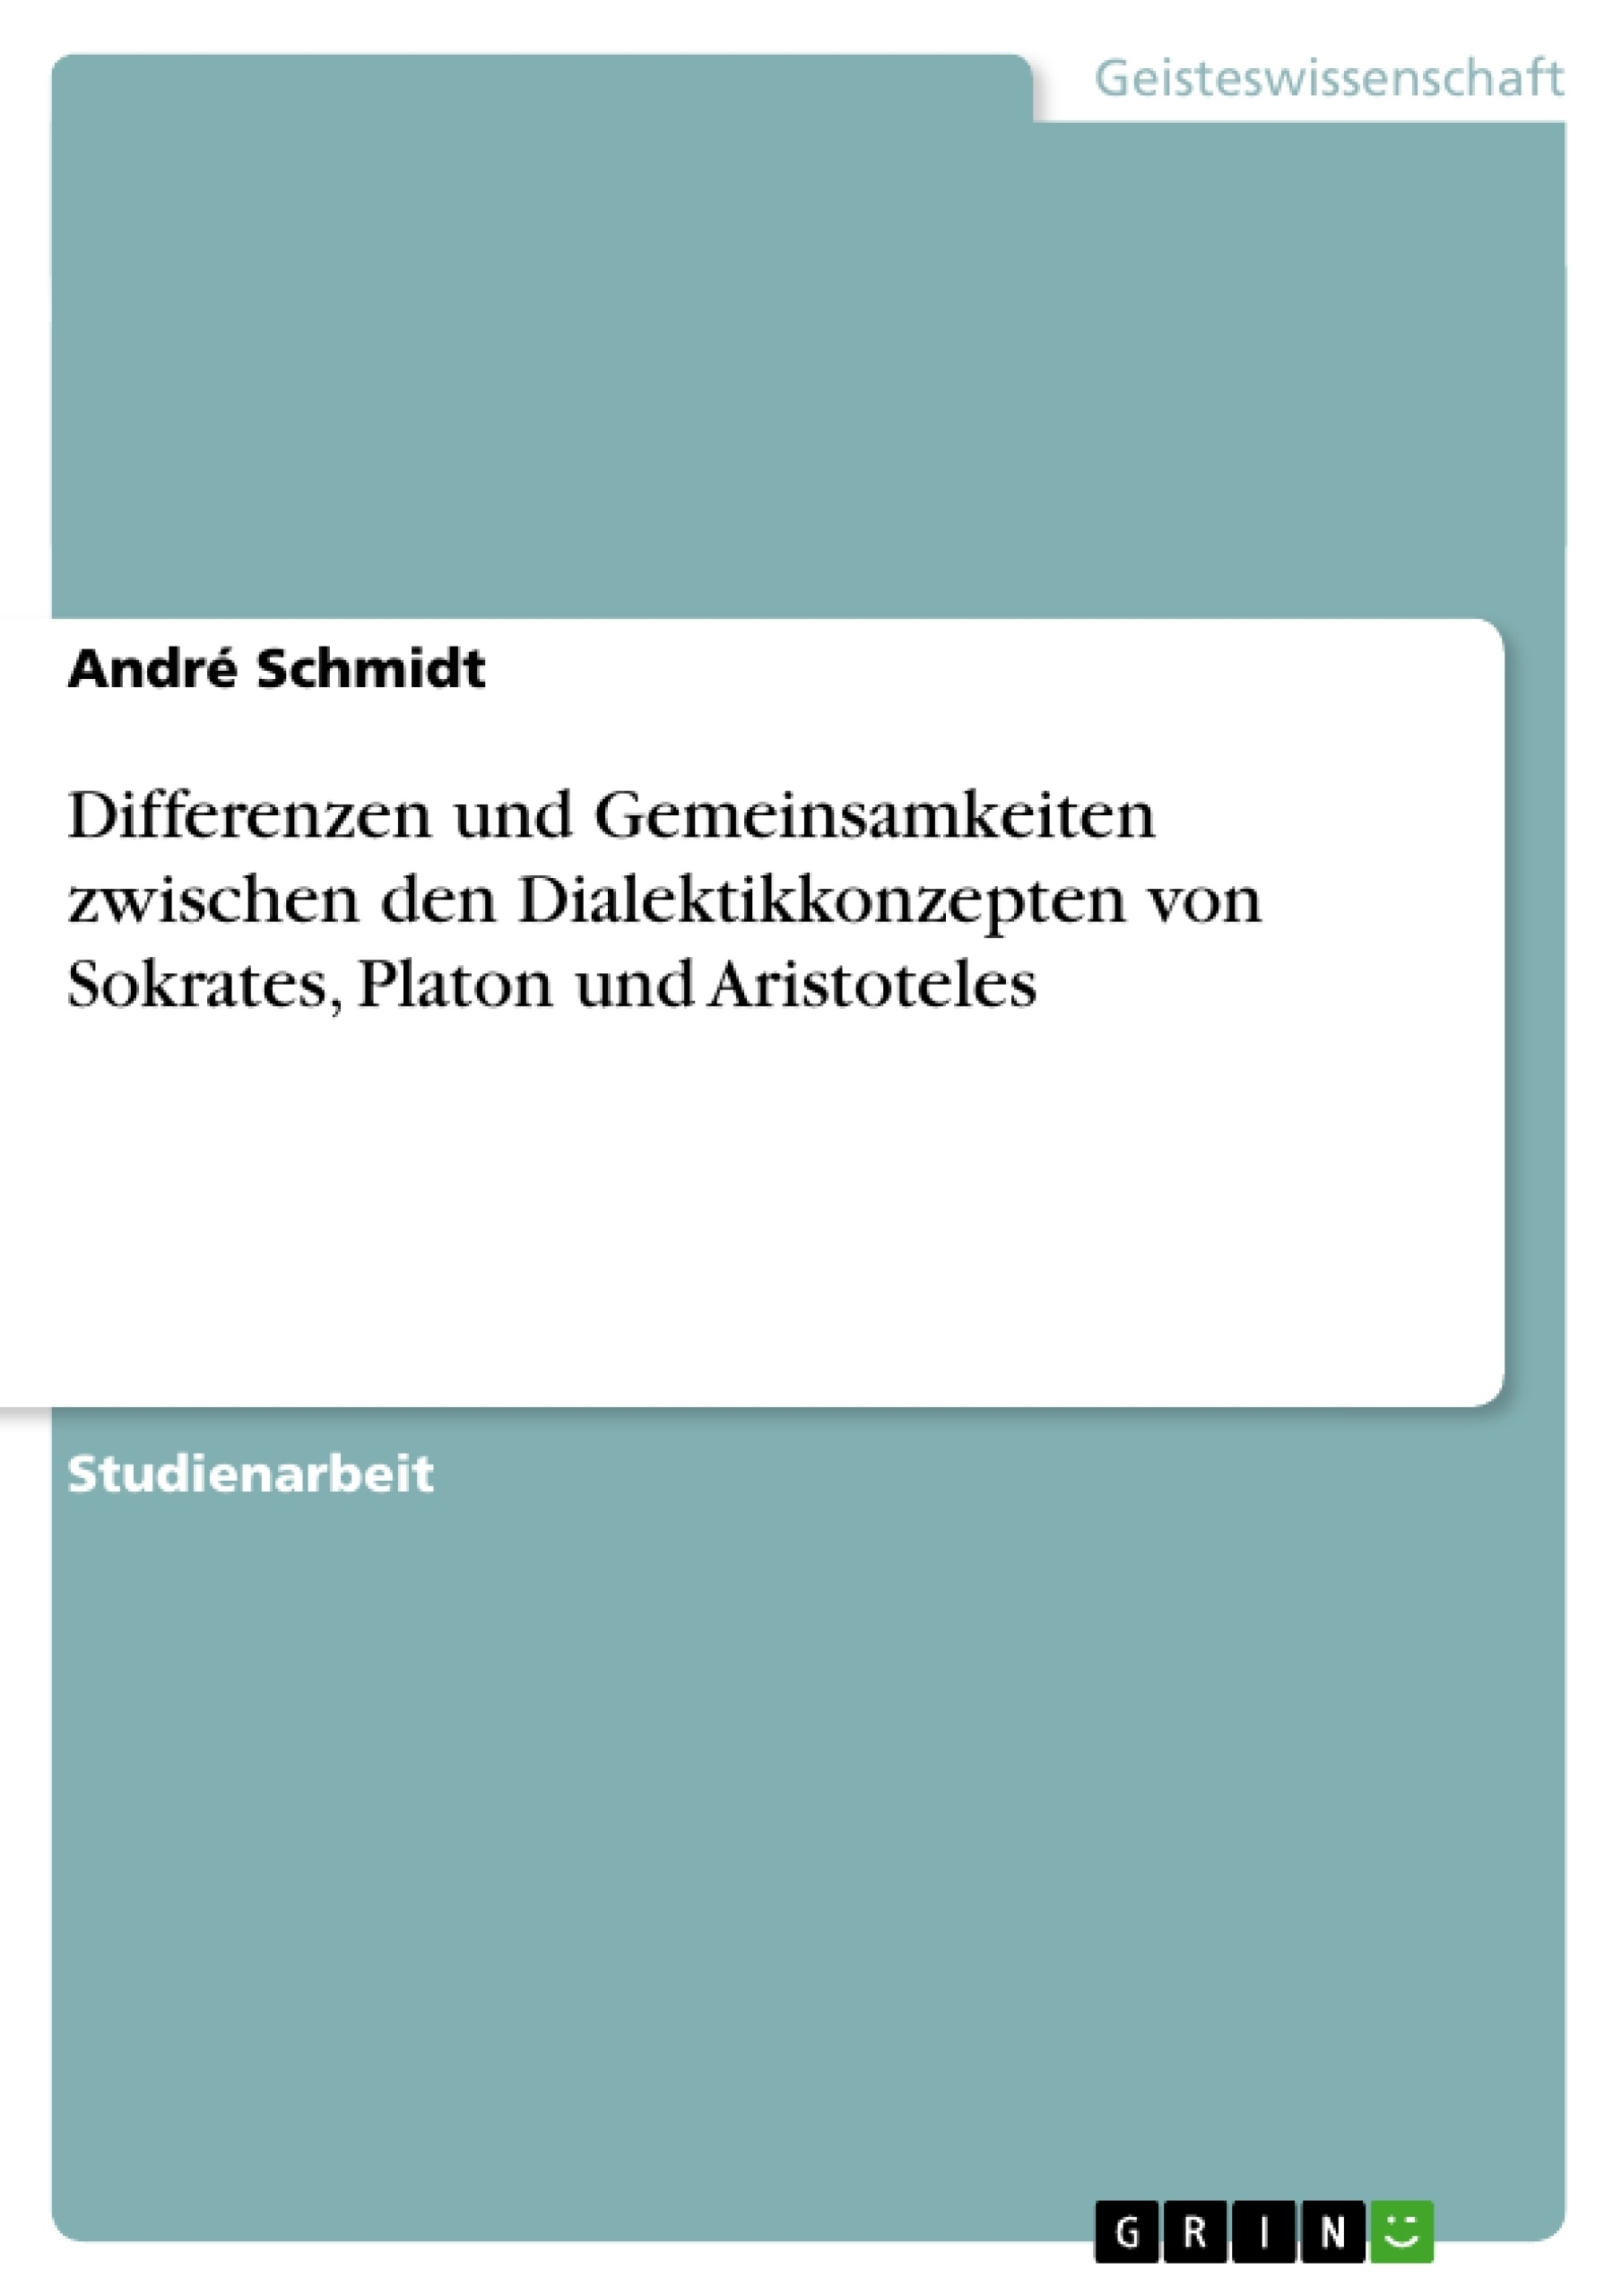 Titel: Differenzen und Gemeinsamkeiten zwischen den Dialektikkonzepten von Sokrates, Platon und Aristoteles